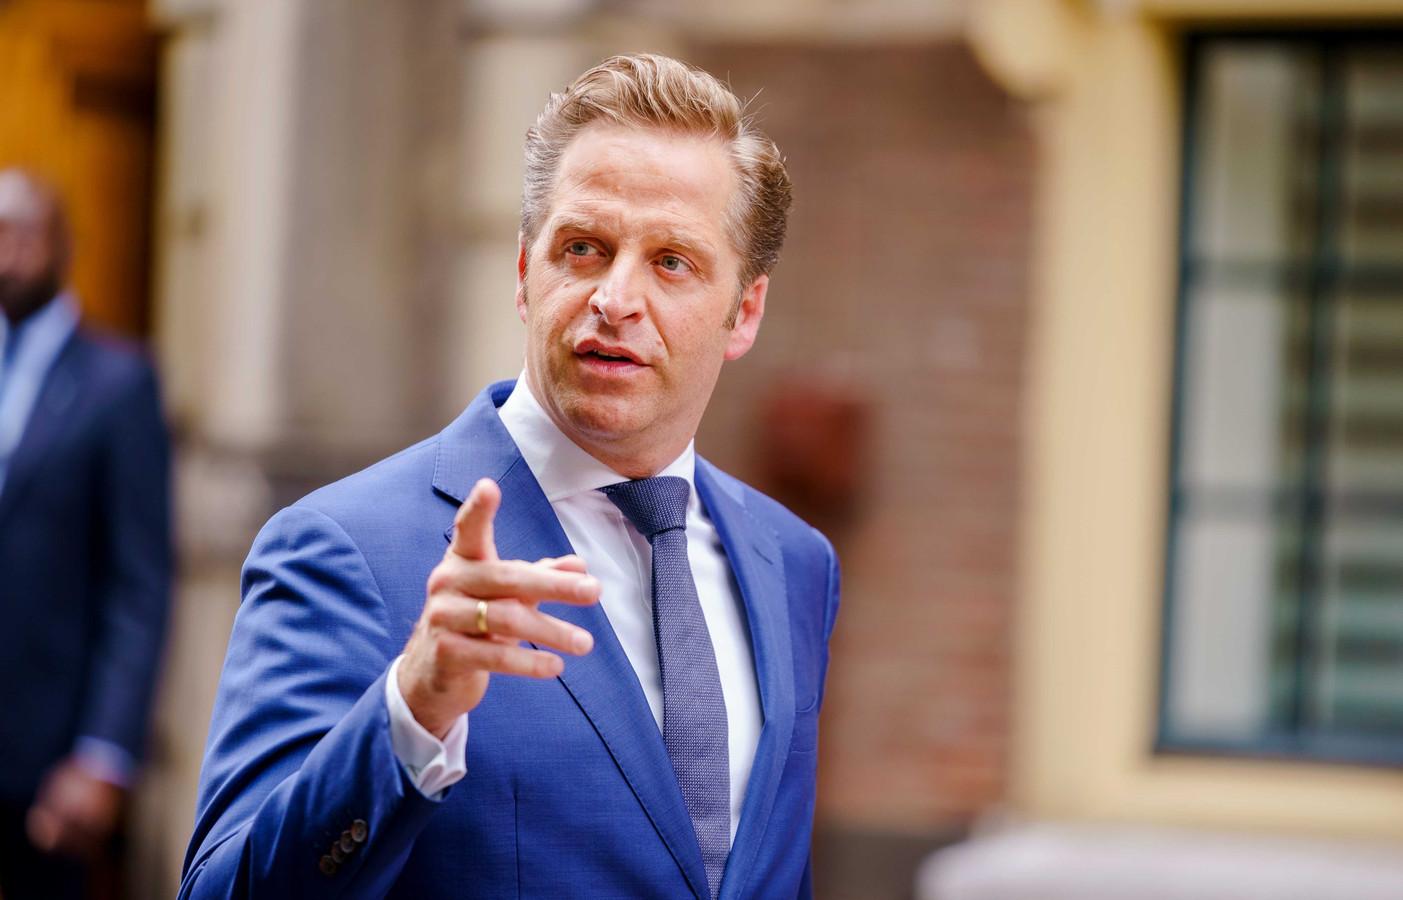 Volgens demissionair minister Hugo de Jonge heeft hij geen kritiek willen uiten op burgemeesters.